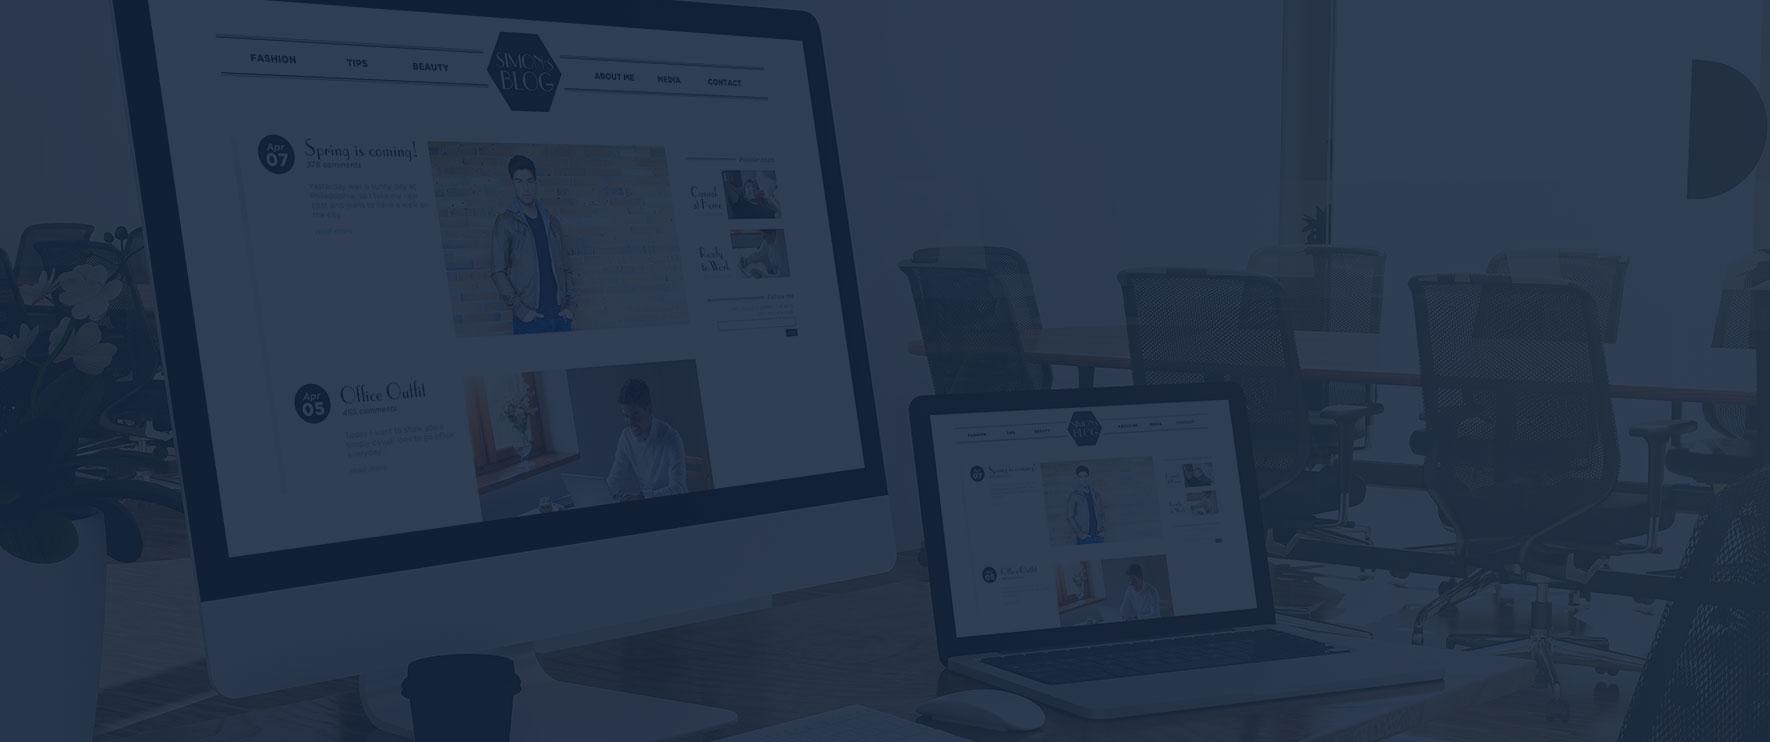 Création de site web tendance